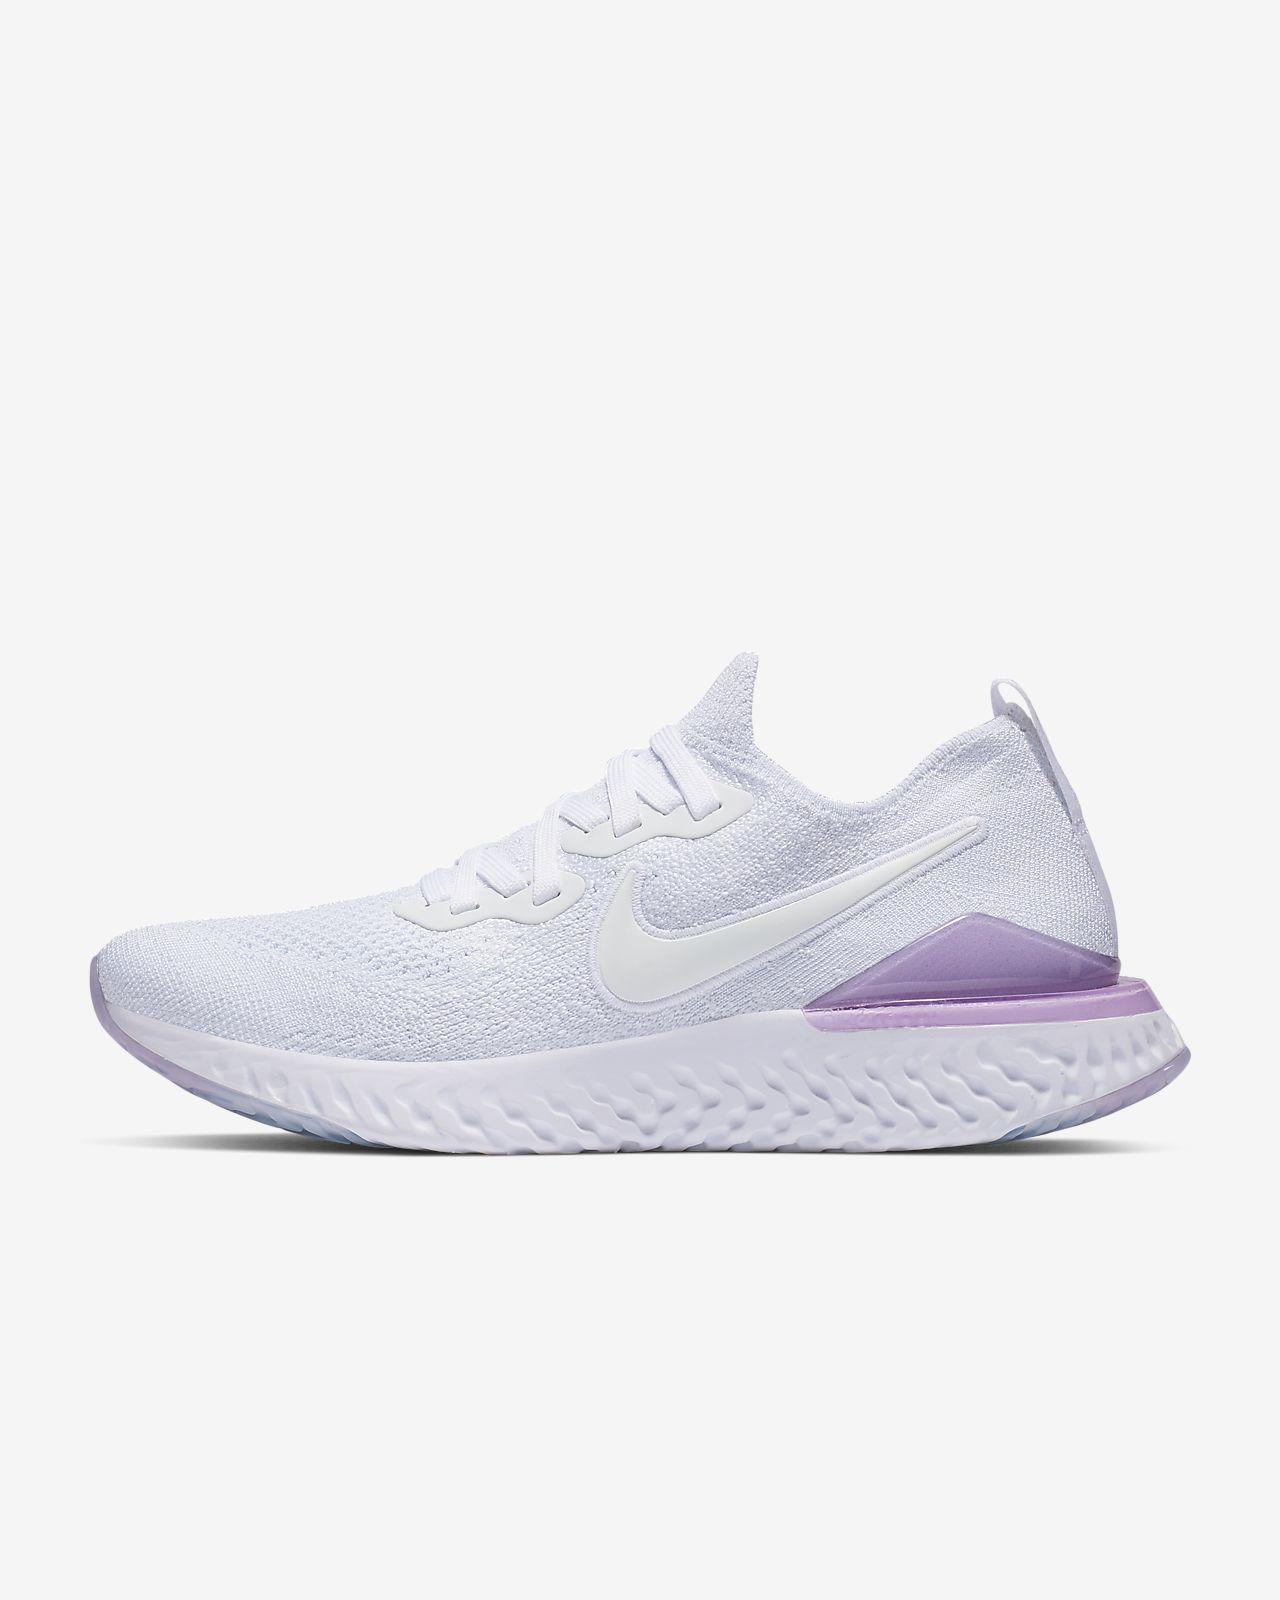 7da58ef138f1 Nike Epic React Flyknit 2 Women s Running Shoe. Nike.com NO